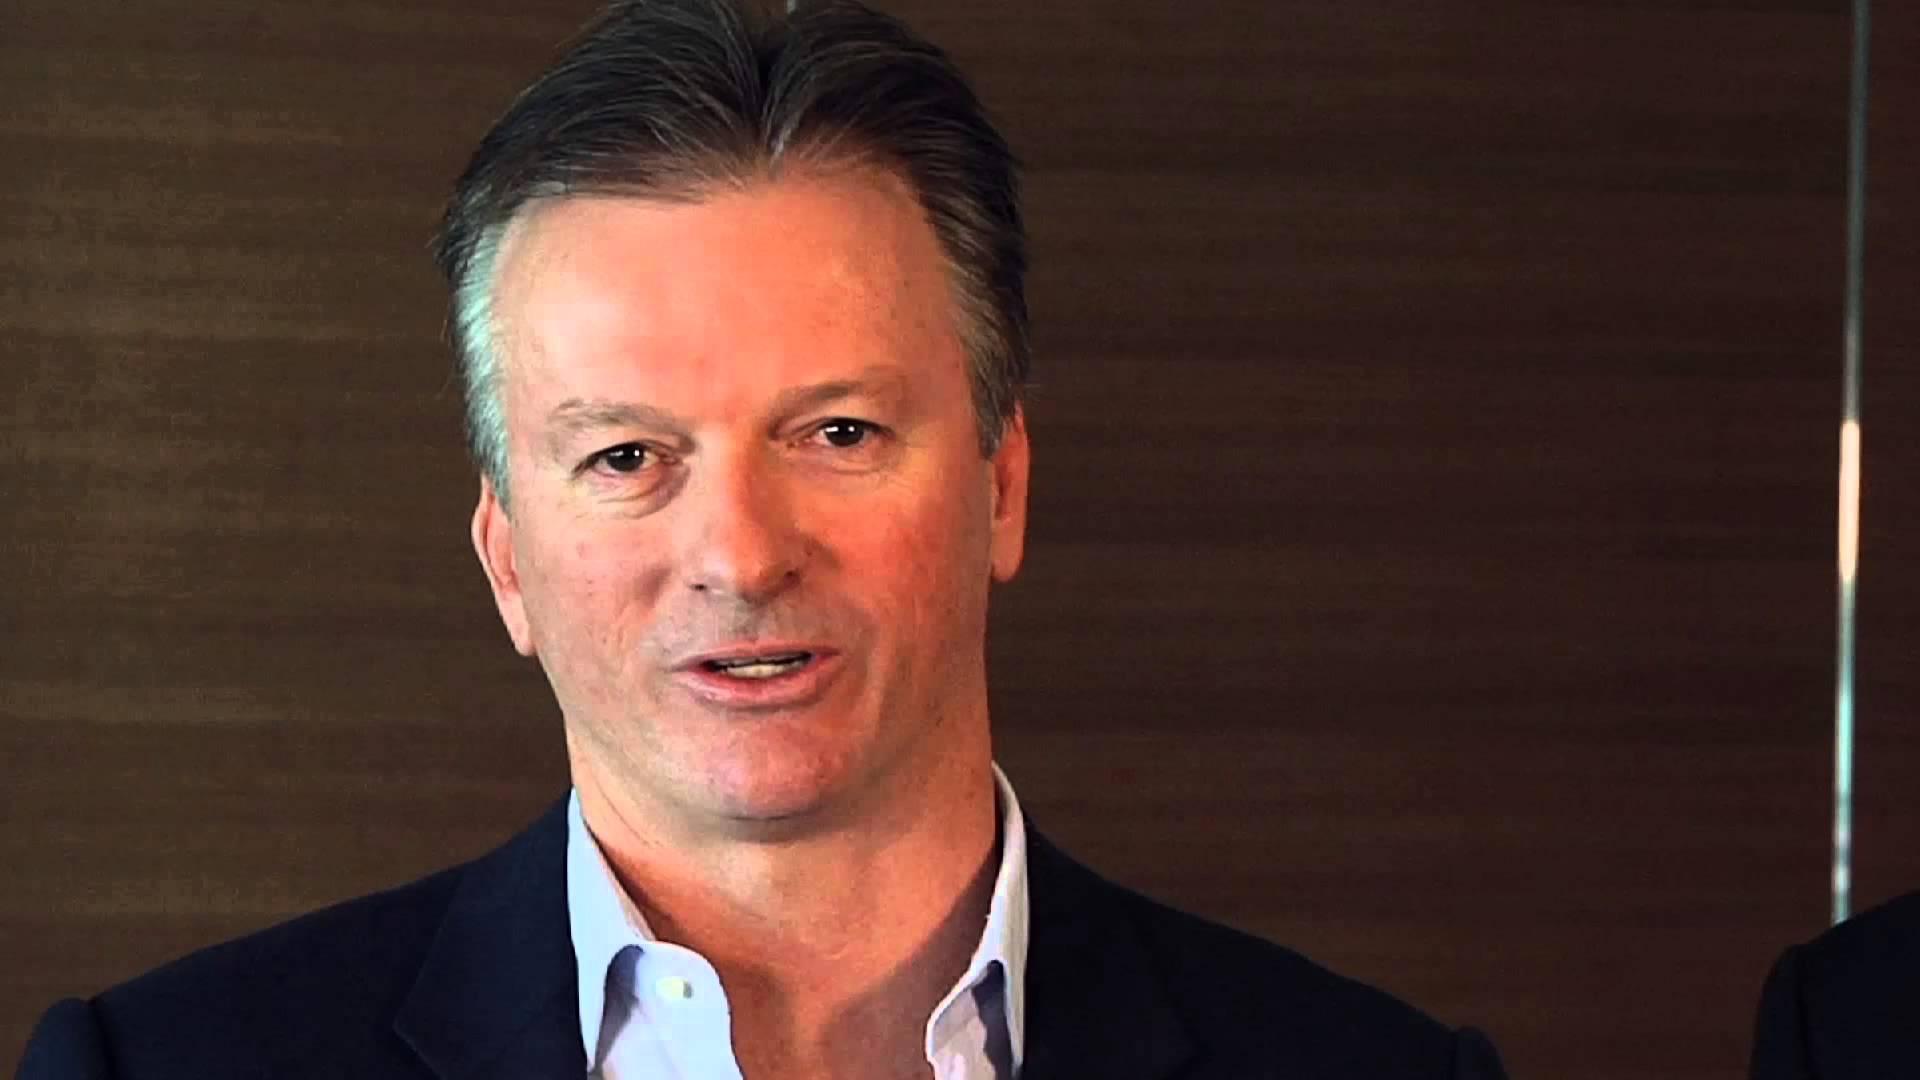 पूर्व कप्तान स्टीव वॉ ने बताया क्या होना चाहिए ऑस्ट्रेलिया का ओपनिंग कॉम्बिनेशन